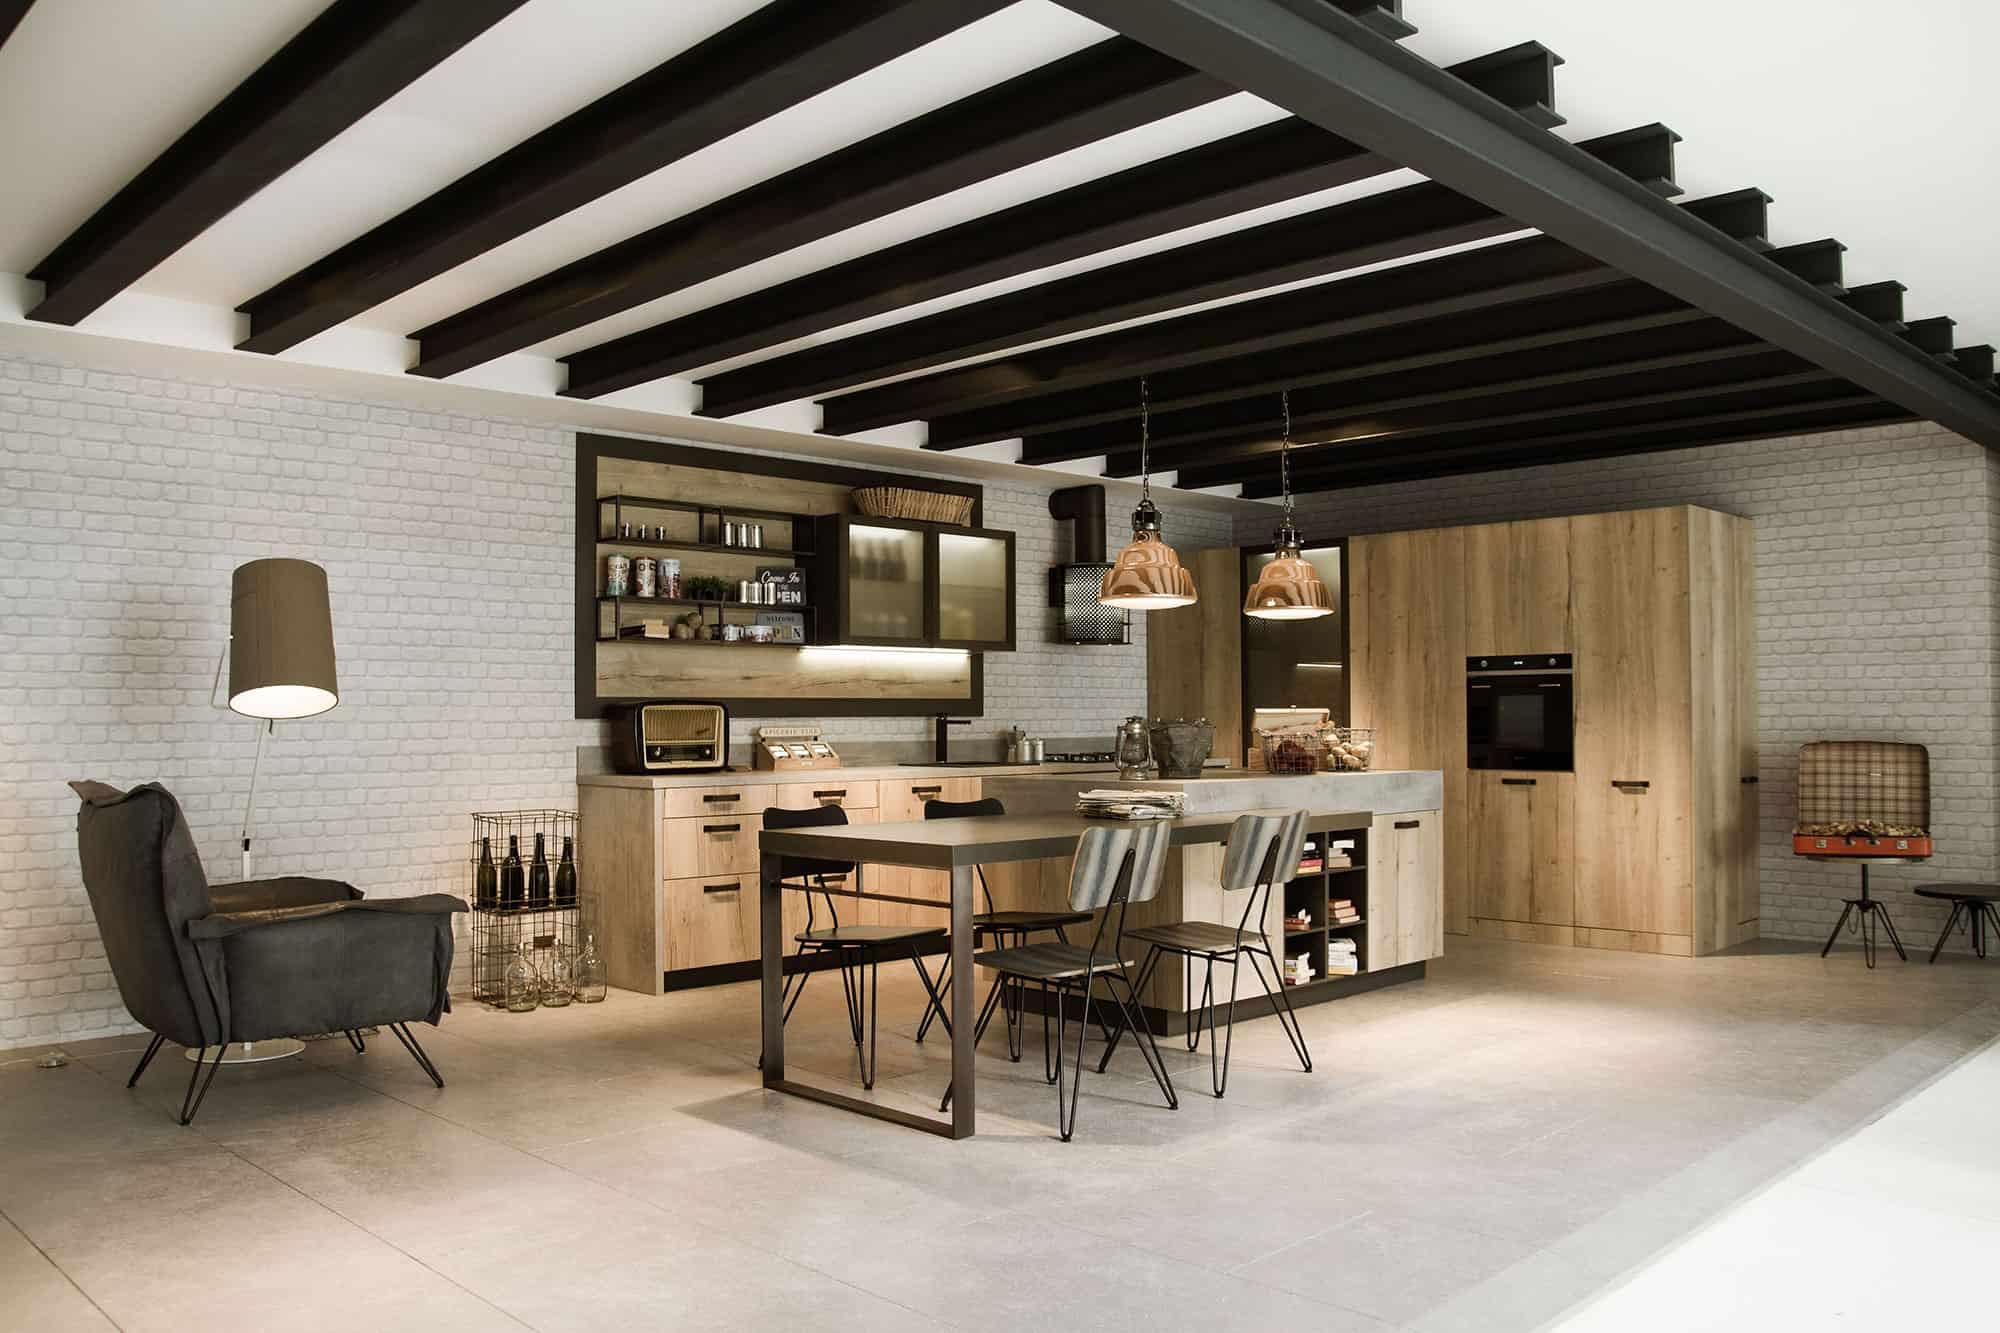 8 kitchen design lofts 3 urban ideas snaidero